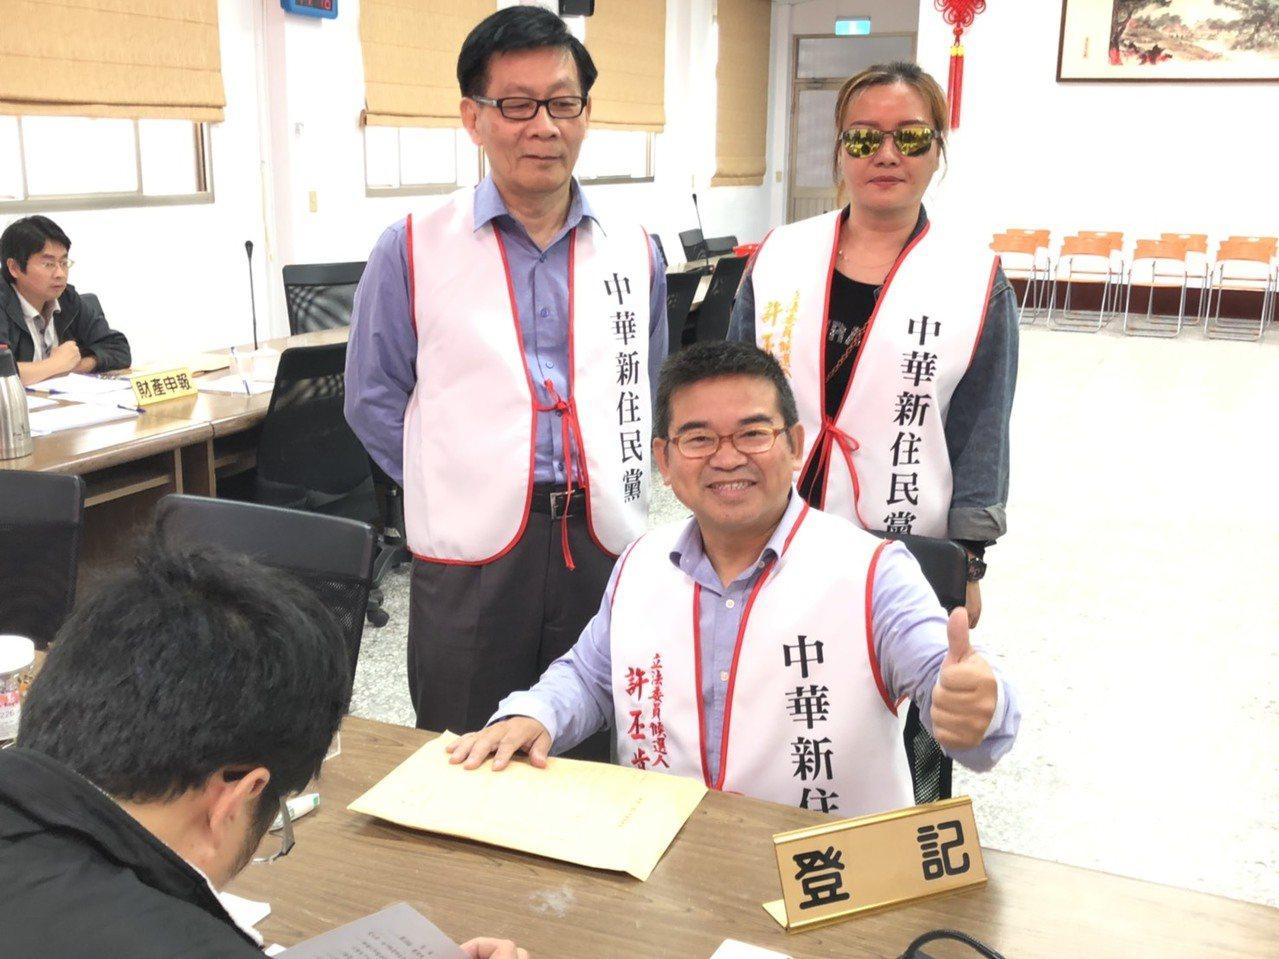 中華新住民黨的許丕肯今天在中華新住民黨主席翁世維(後左)的陪同下,來到縣府完成立...